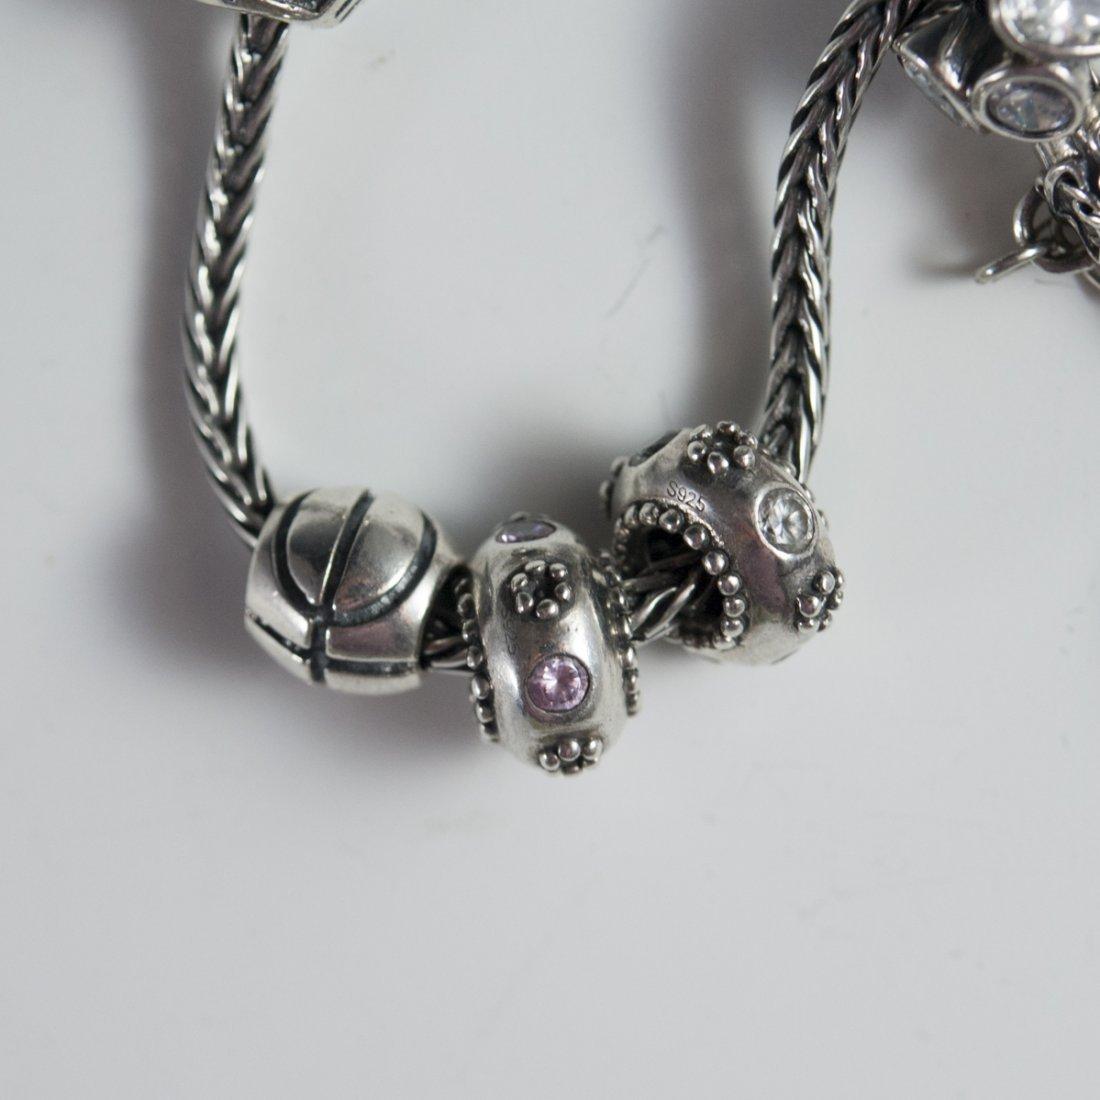 Pandora Style Sterling Bracelets - 5